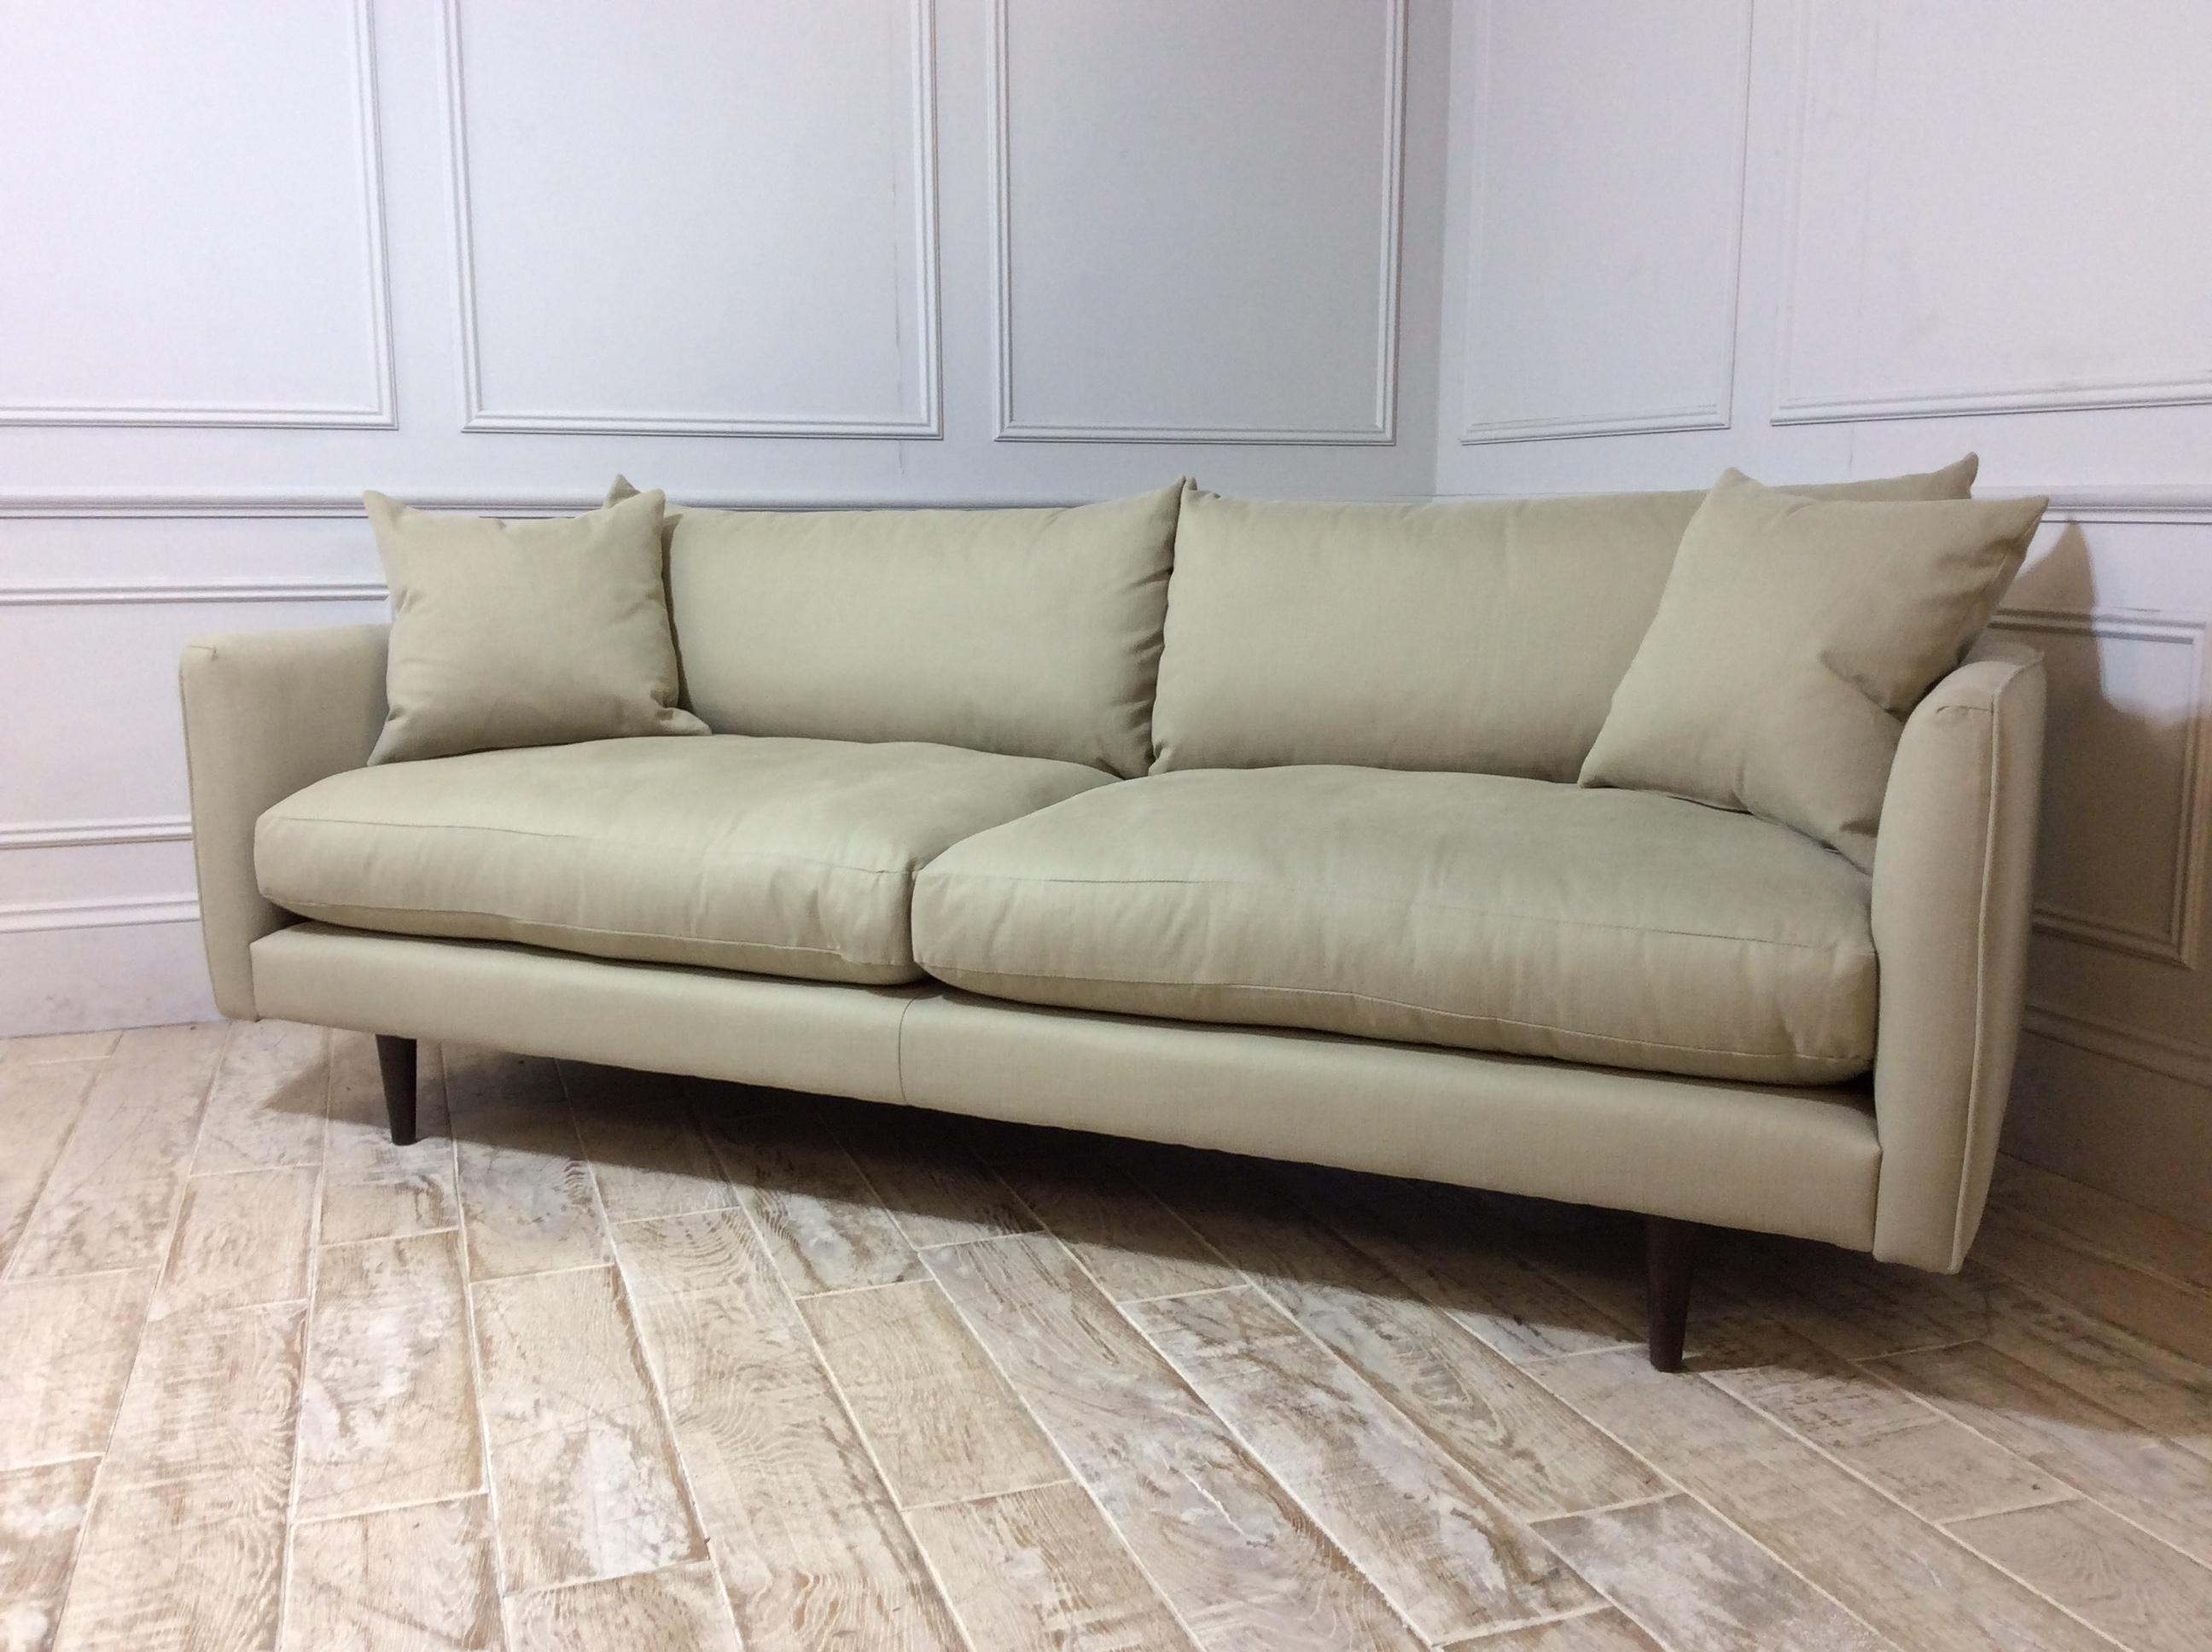 Kelston Large Sofa in Wheatgrass